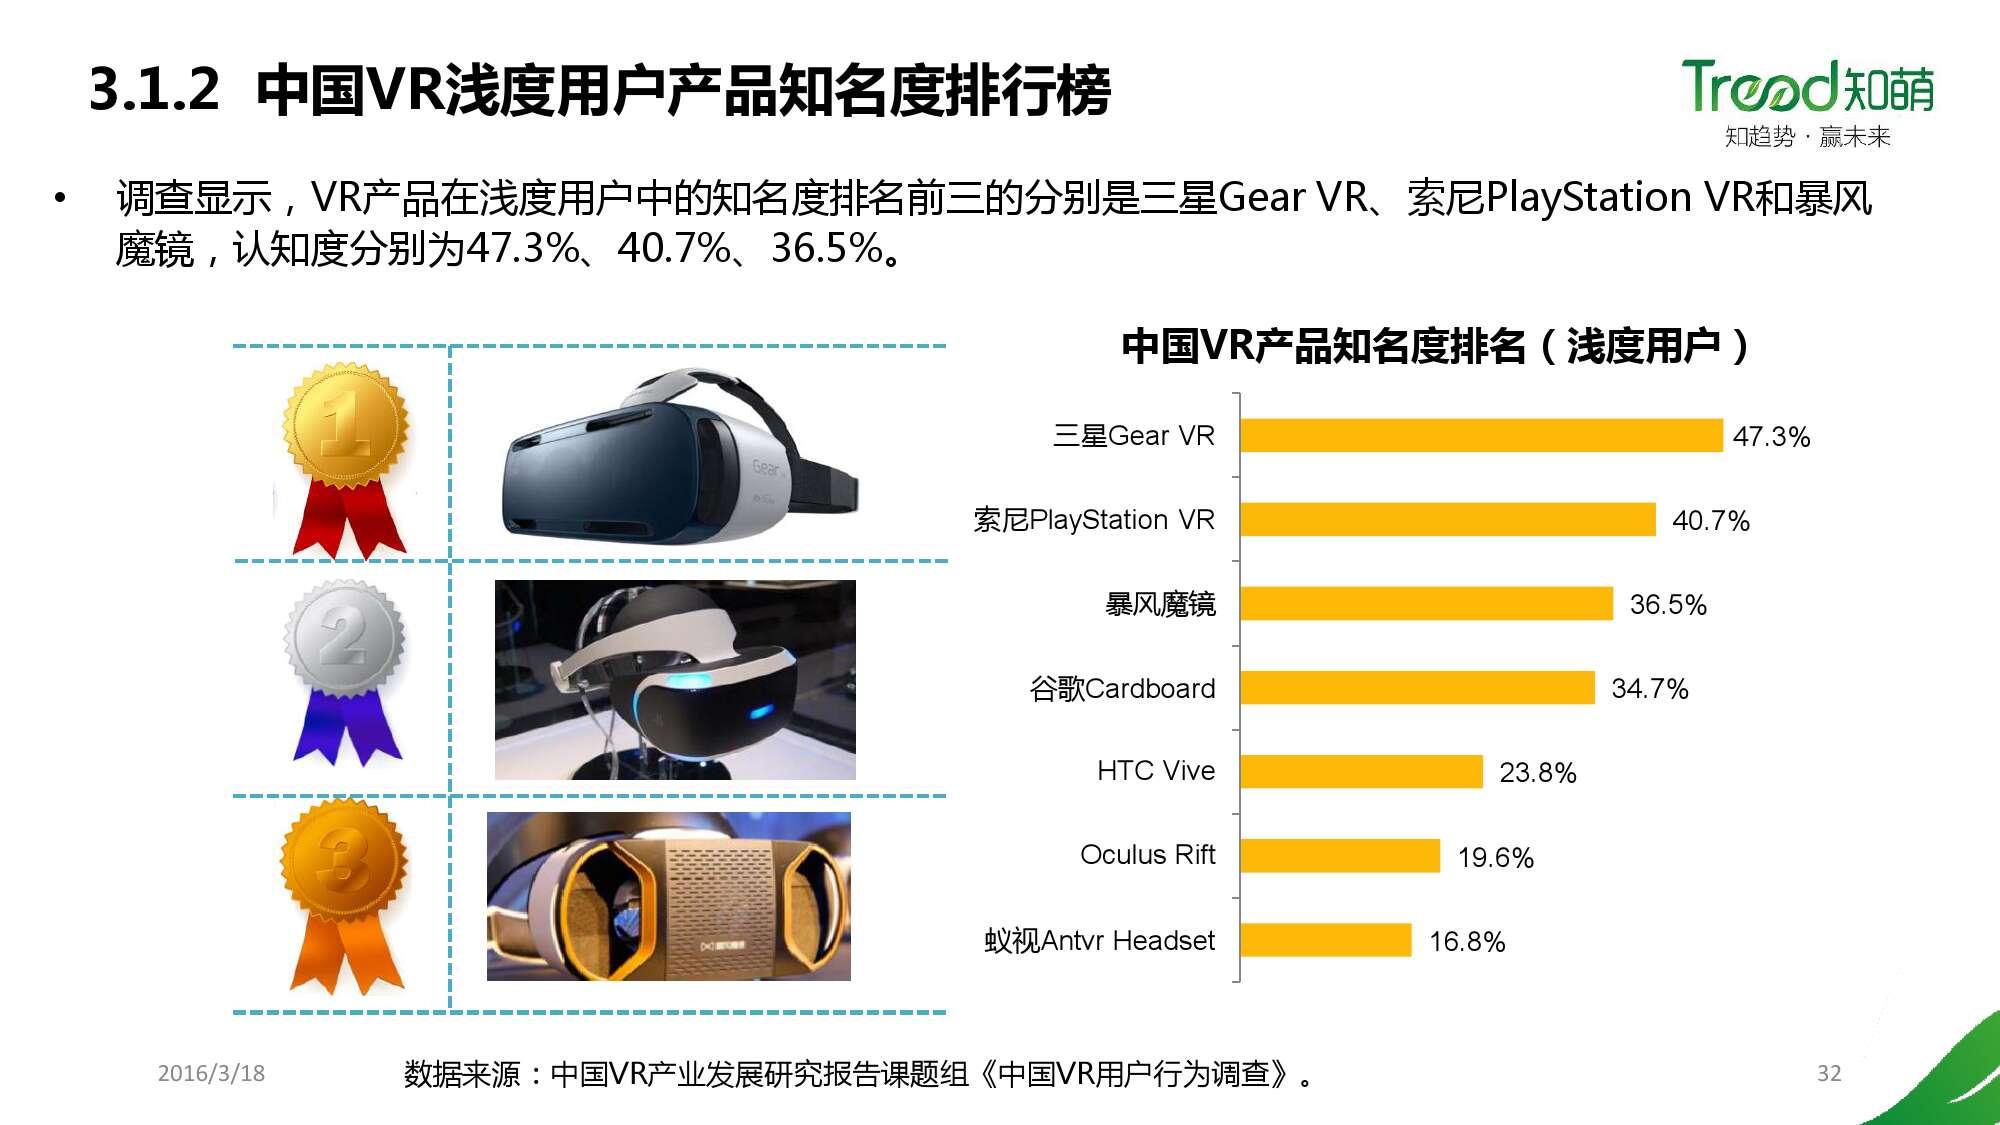 中国VR用户行为研究报告_000032